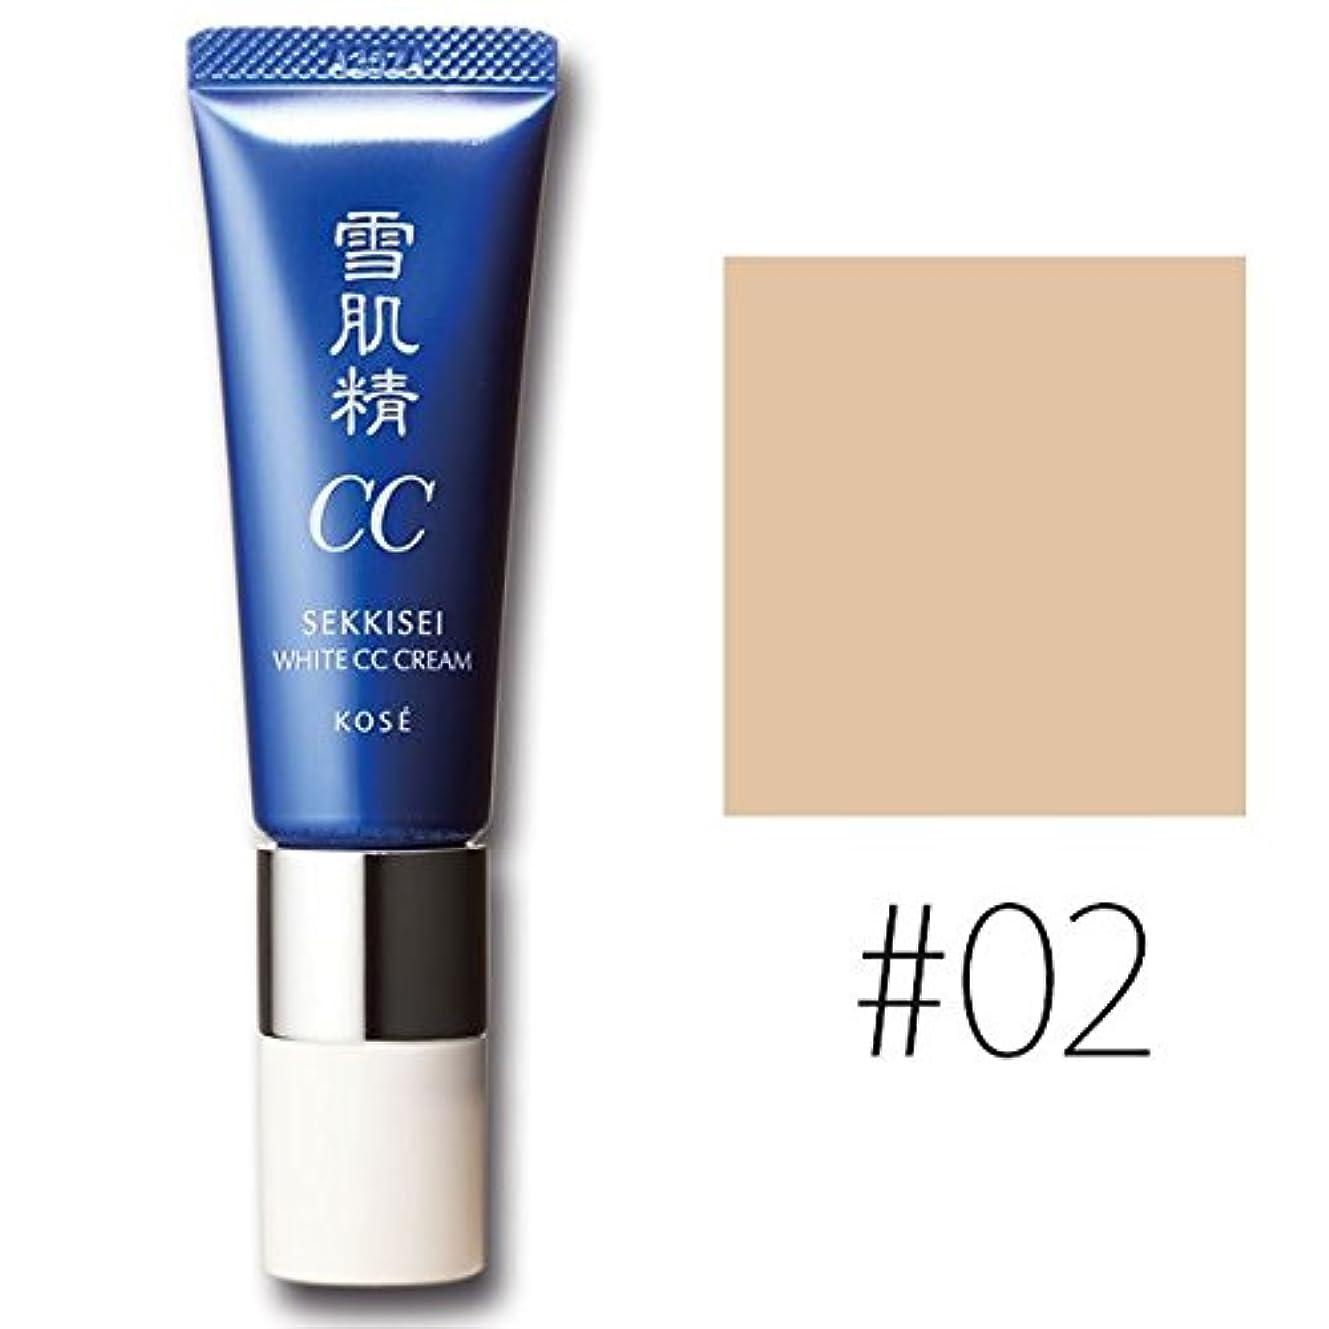 拳ニコチン学士コーセー 雪肌精 ホワイト CCクリーム【#02】 #OCHRE SPF50+/PA++++ 30g